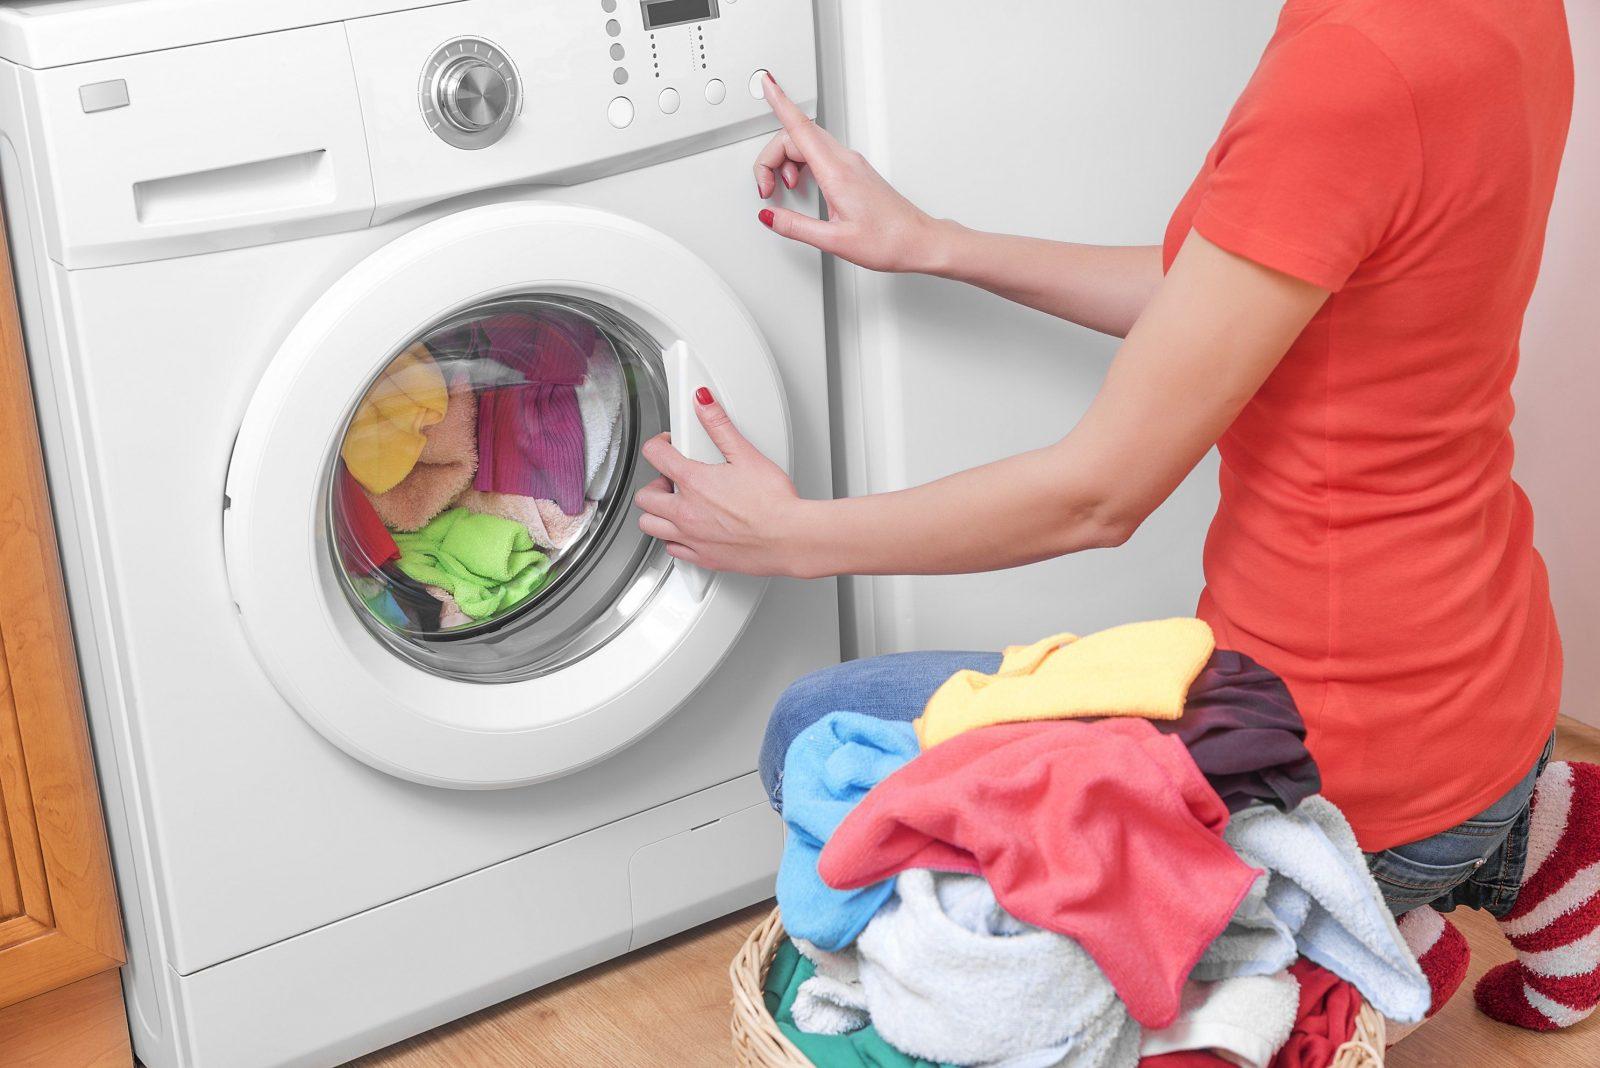 Wäsche Waschen Bei 30 Oder 40 Grad So Wird's Sauber Und Keimfrei von Unterwäsche Waschen Wieviel Grad Bild